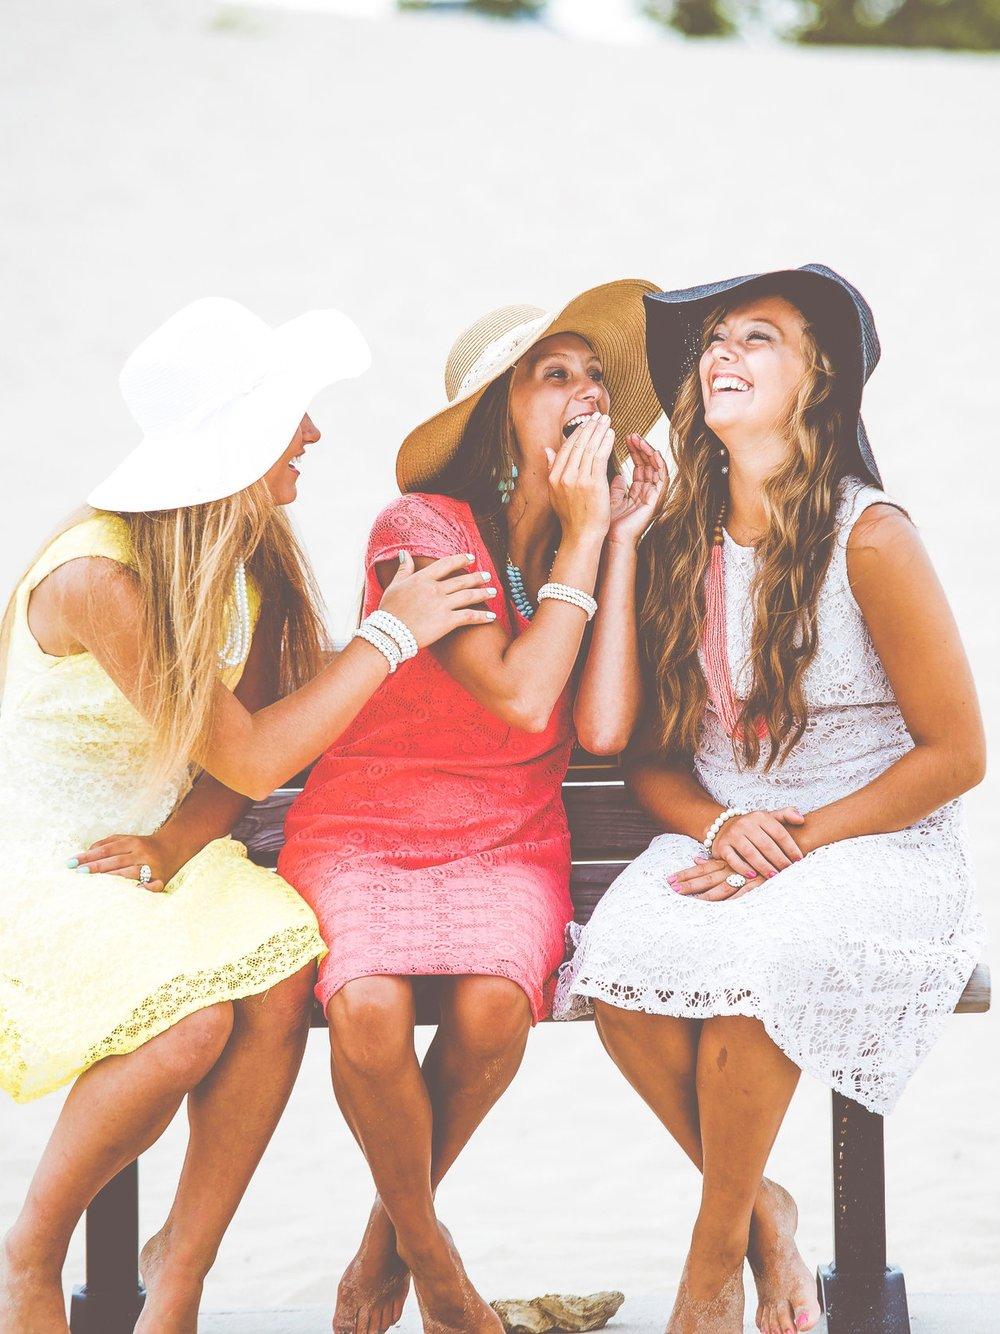 ATELIERS DE MAQUILLAGE & COIFFURE - Atelier beauty party EVJF + Bonus (2h)Vous fêtez un evjf à bruxelles, ? Vous adoreriez organiser un moment hyper girly ? Joignez l'utile à l'agréable : je vous propose une animation beauty party makeup + coiffure, à domicile ou dans mon studio. Vivez un moment convivial et tendance entre filles, et repartez de véritables astuces et techniques de pro ! Vous allez a-do-rer !Forfait atelier beauty party + bonus — 55€– Durée : 2h– Minimum 6 participantes, à domicile (déplacement Ile de France) ou en atelier privé sur le 77– Apprentissage des astuces et techniques de coiffure et maquillage– Cadeau offert à l'ensemble des participantes– Bonus Cordocou : si l'activité se déroule dans notre Atelier Privé nous offrons :* Atelier en matinée : viennoiseries pour l'ensemble des participantes*Atelier après-midi : gourmandises cup cakes pour l'ensemble des participantes